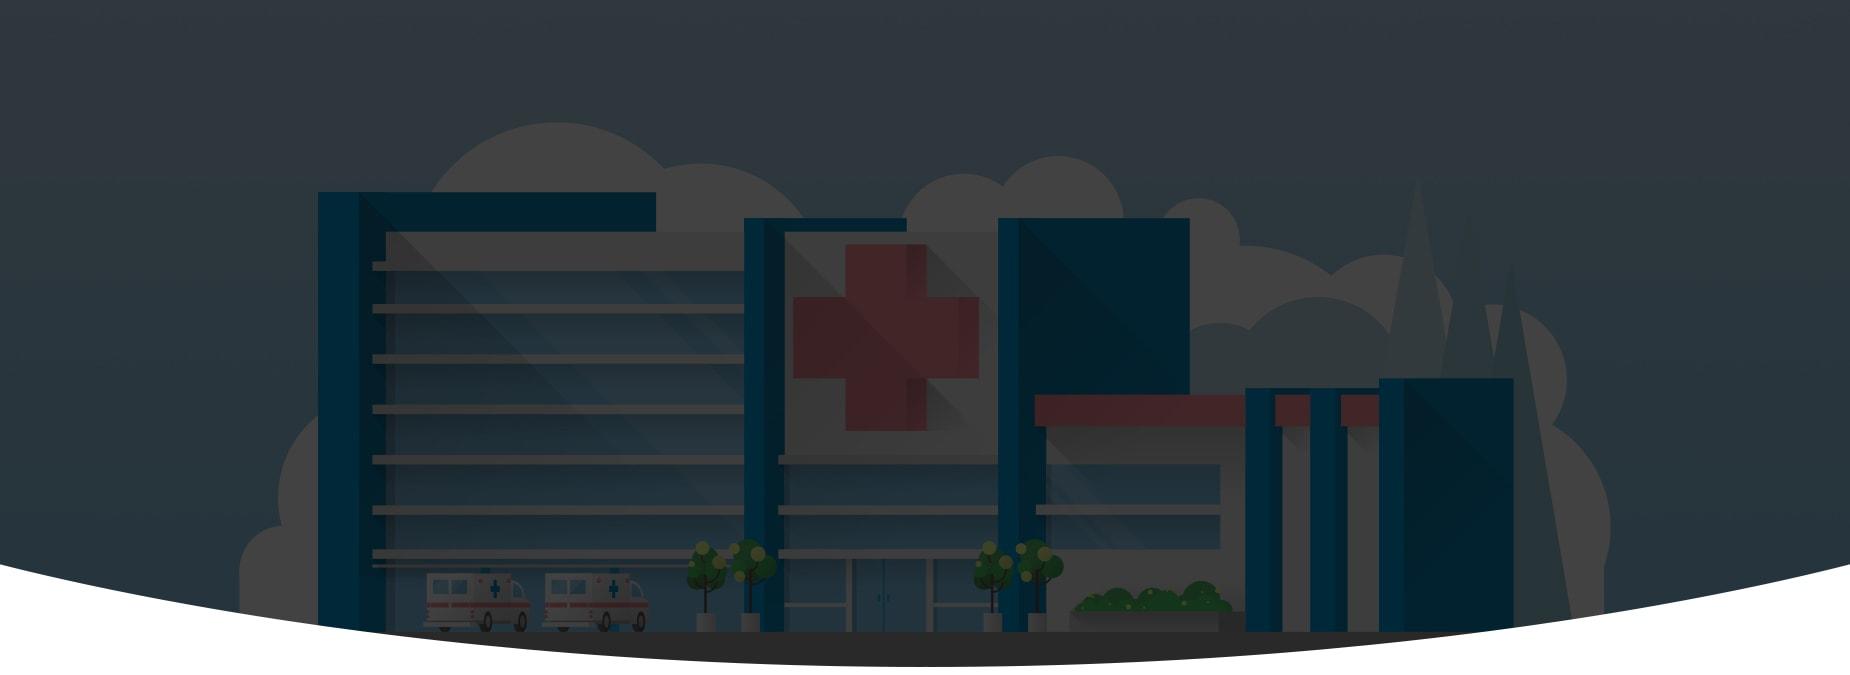 2019 Urgent Care Slider 4